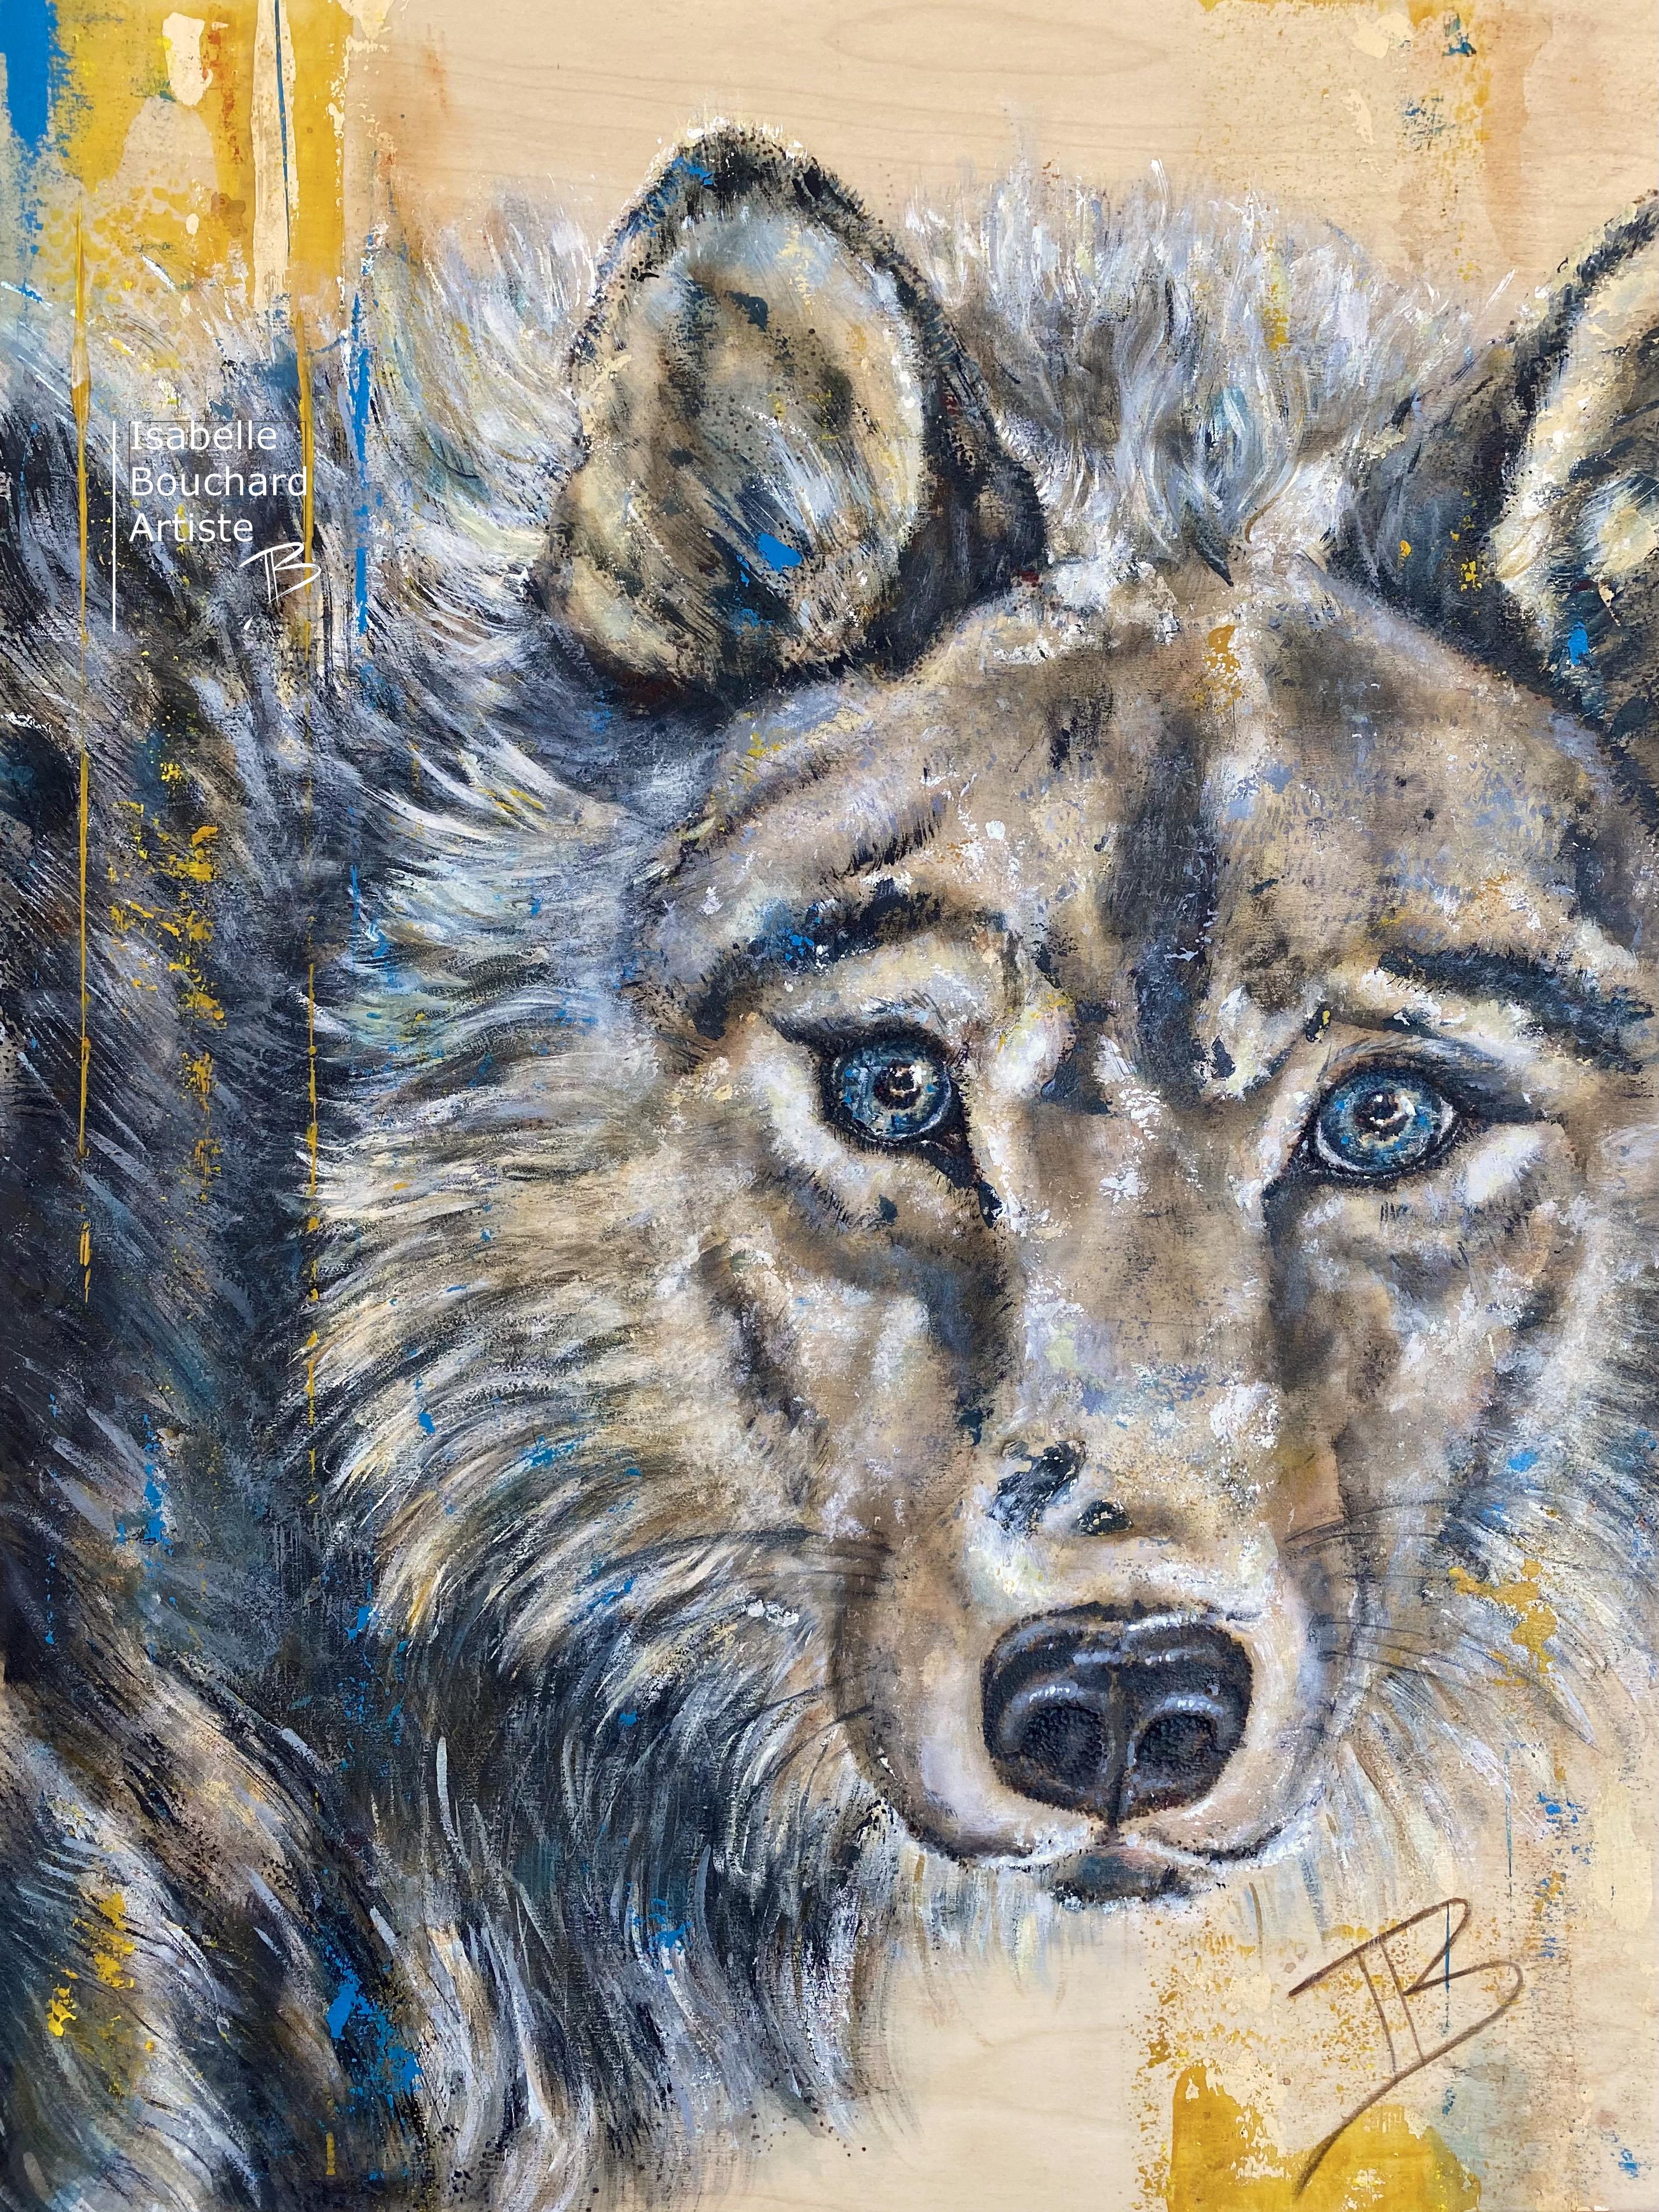 Loup, Isabelle Bouchard artiste